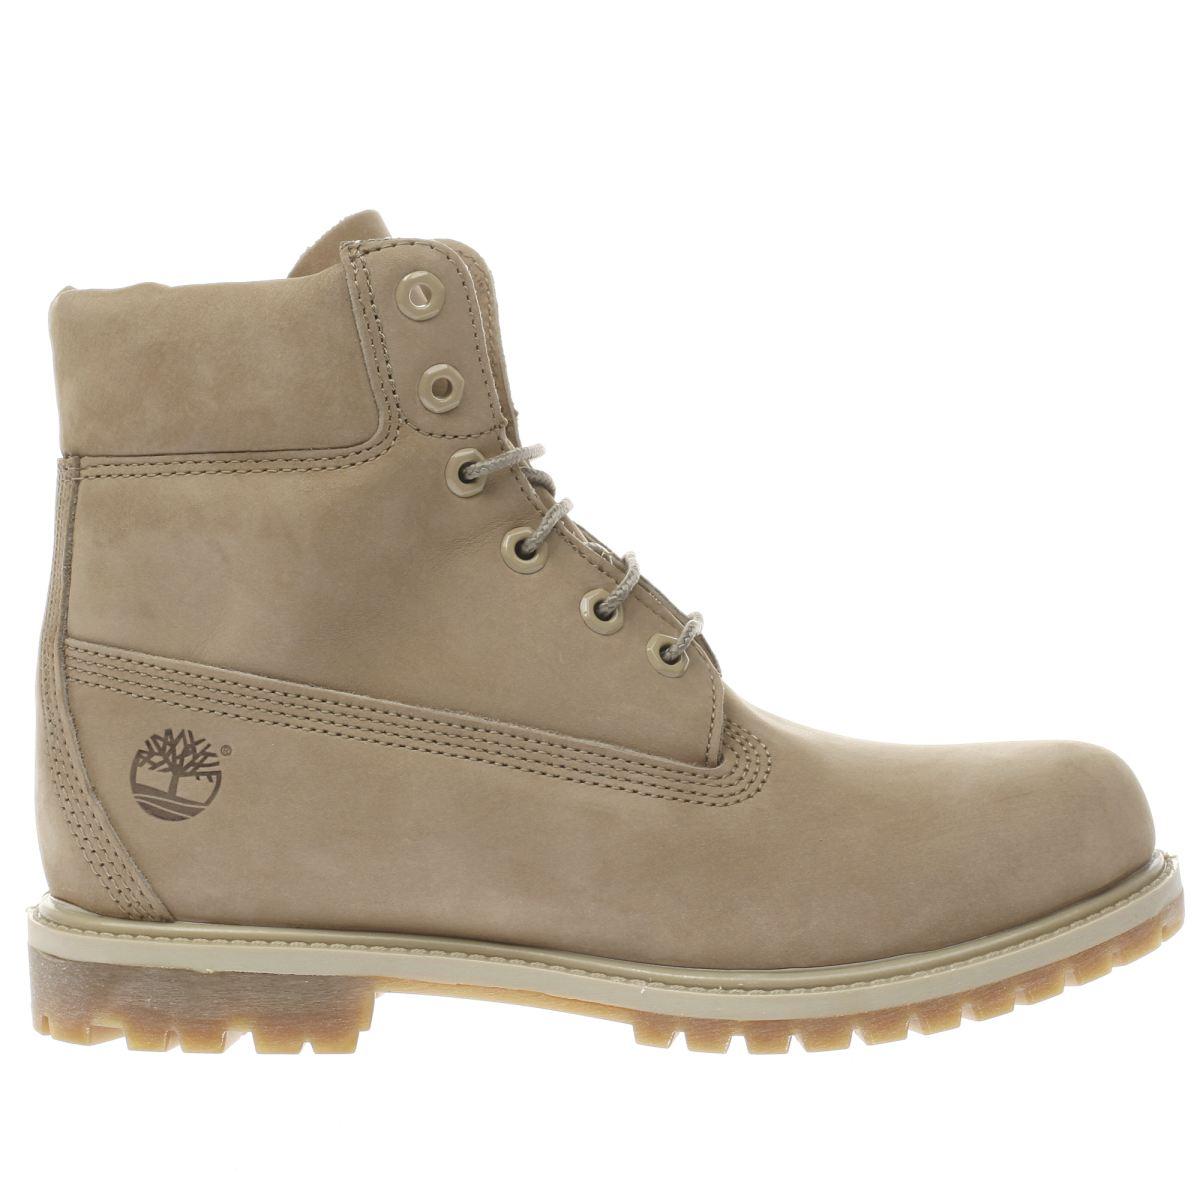 timberland stone 6 inch premium boots